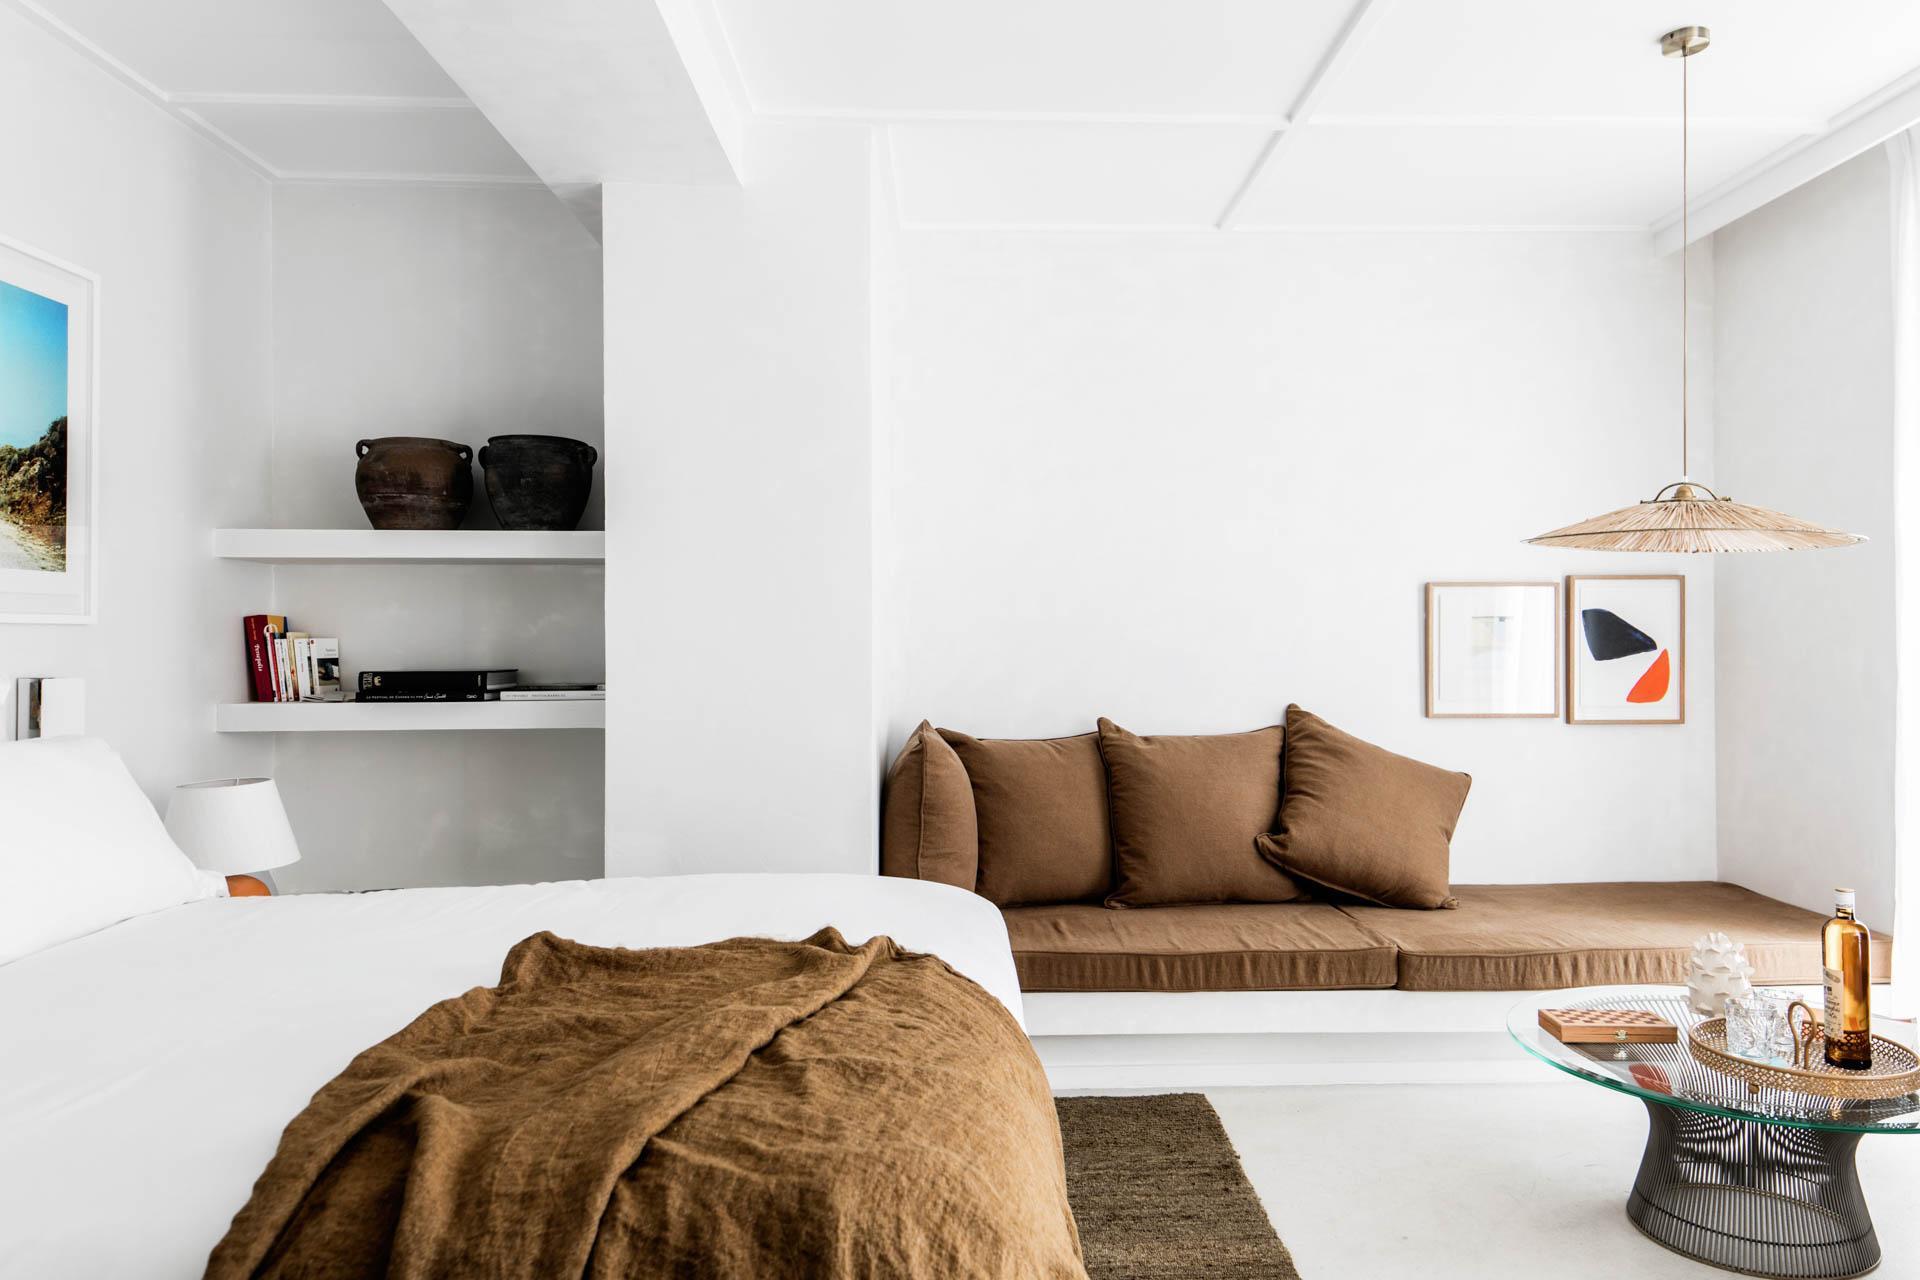 Suite de l'Hôtel Les Roches Rouges ©Benoît Linero